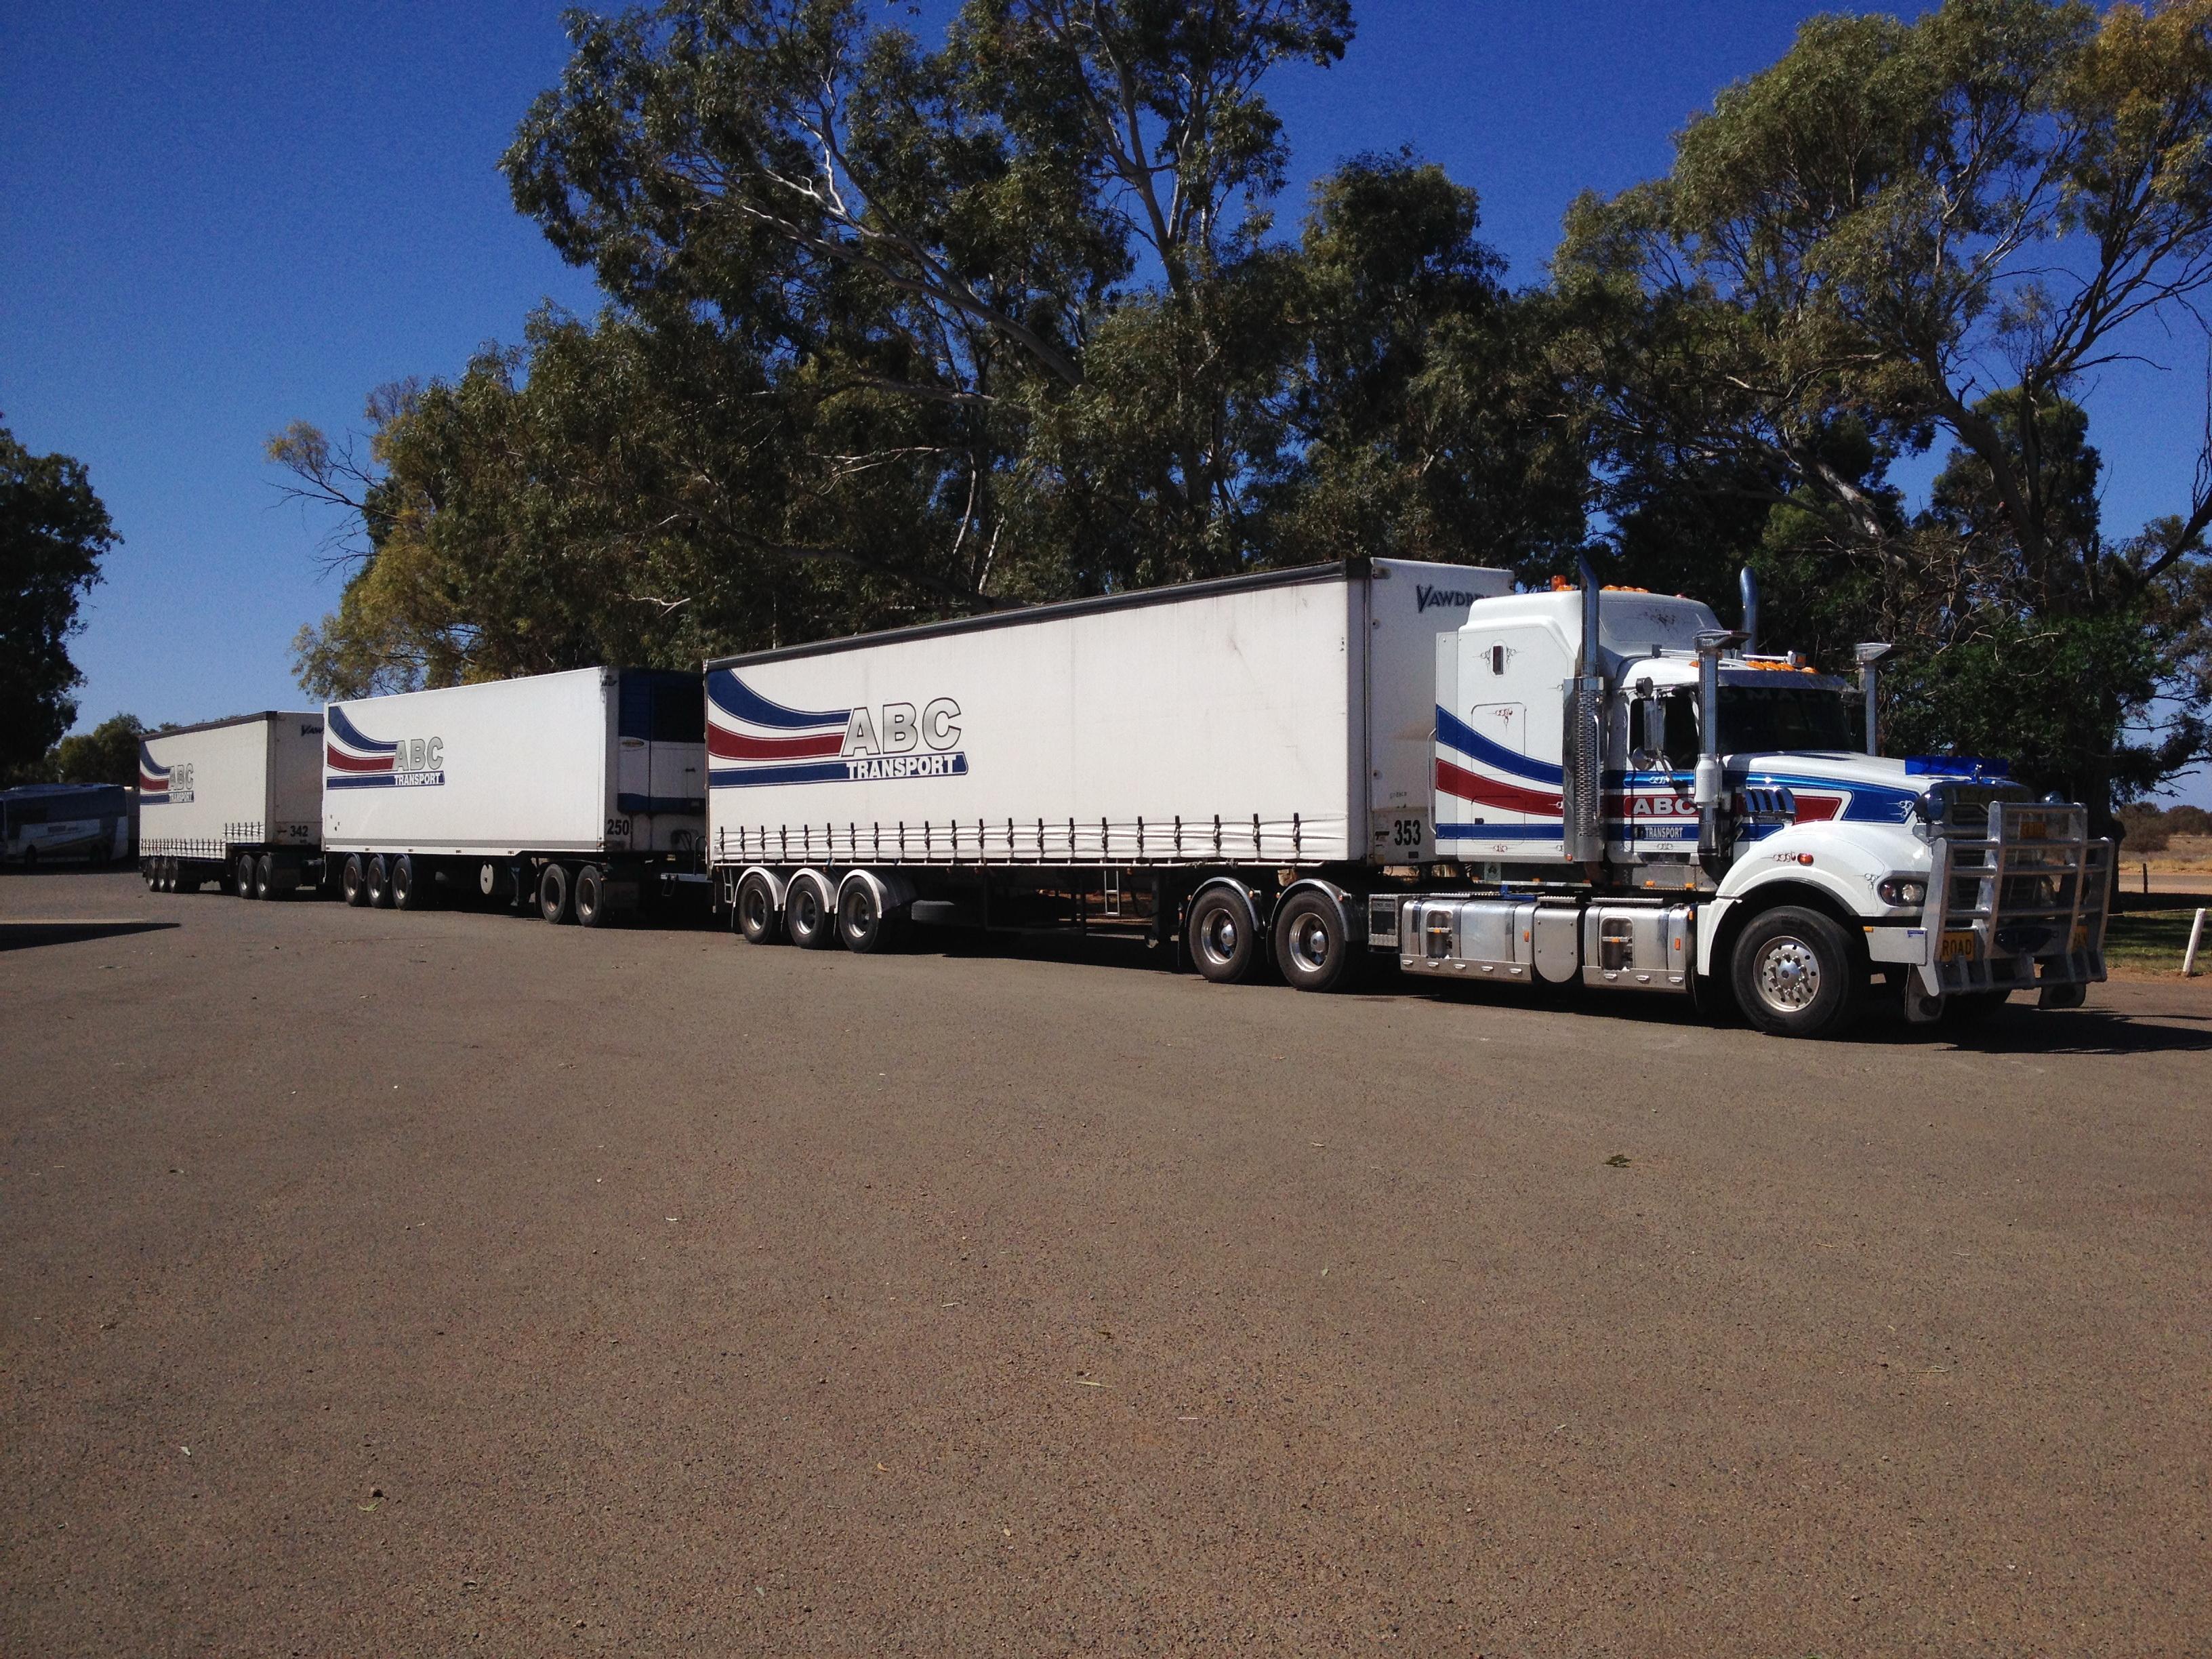 Autos Camiones Fondos De Pantalla Gratis: Camiones Mack Fondos De Pantalla, Fondos De Escritorio